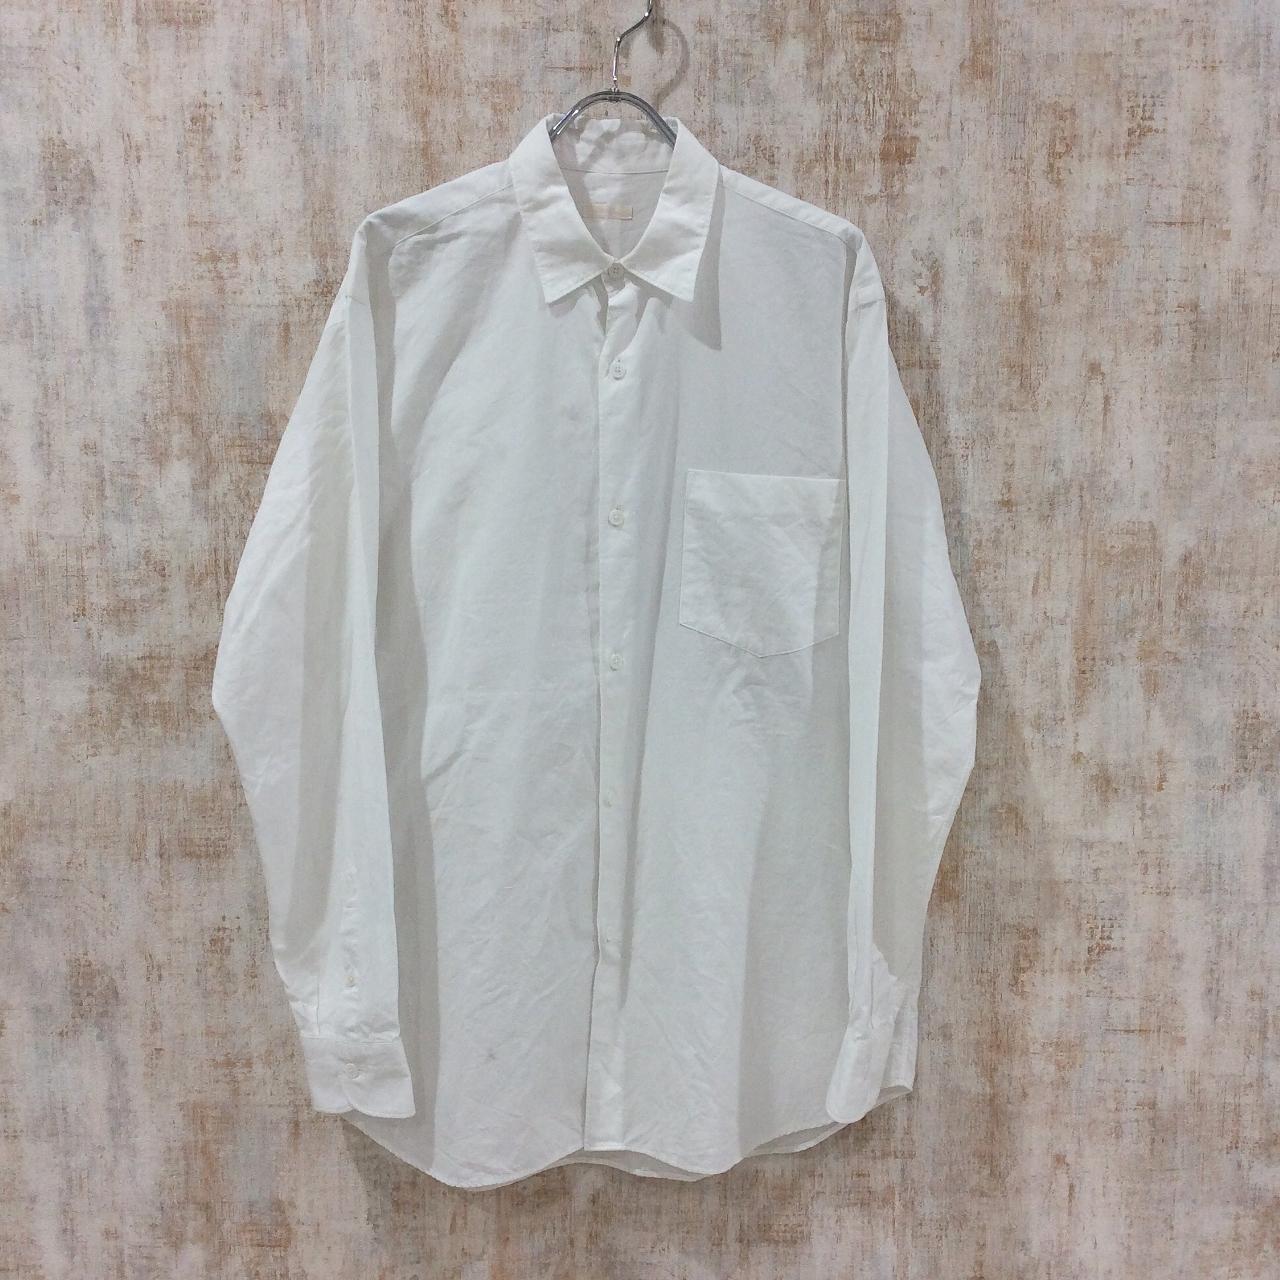 コモリのプレーンな白いシャツ